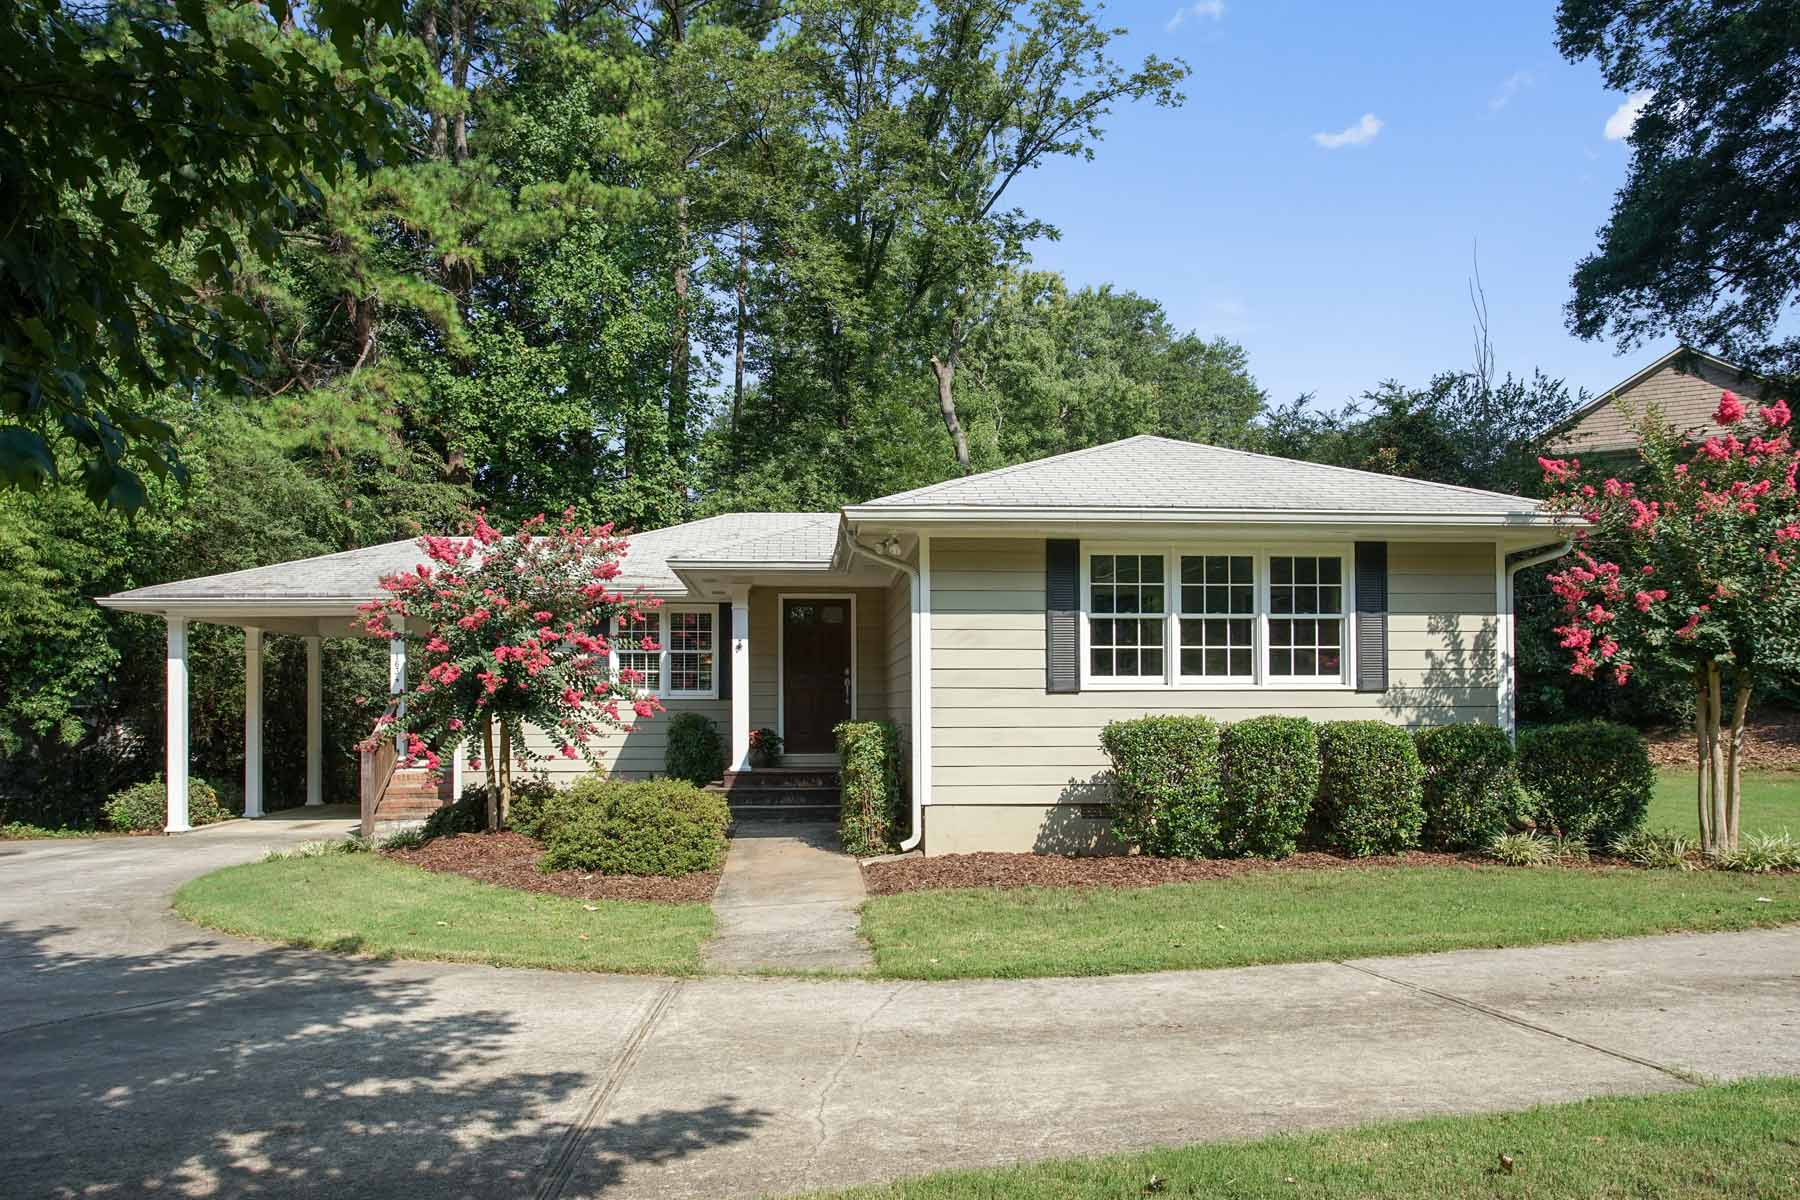 一戸建て のために 売買 アット In the Heart of Ashford Park 1634 Dresden Drive NE Ashford Park, Atlanta, ジョージア, 30319 アメリカ合衆国